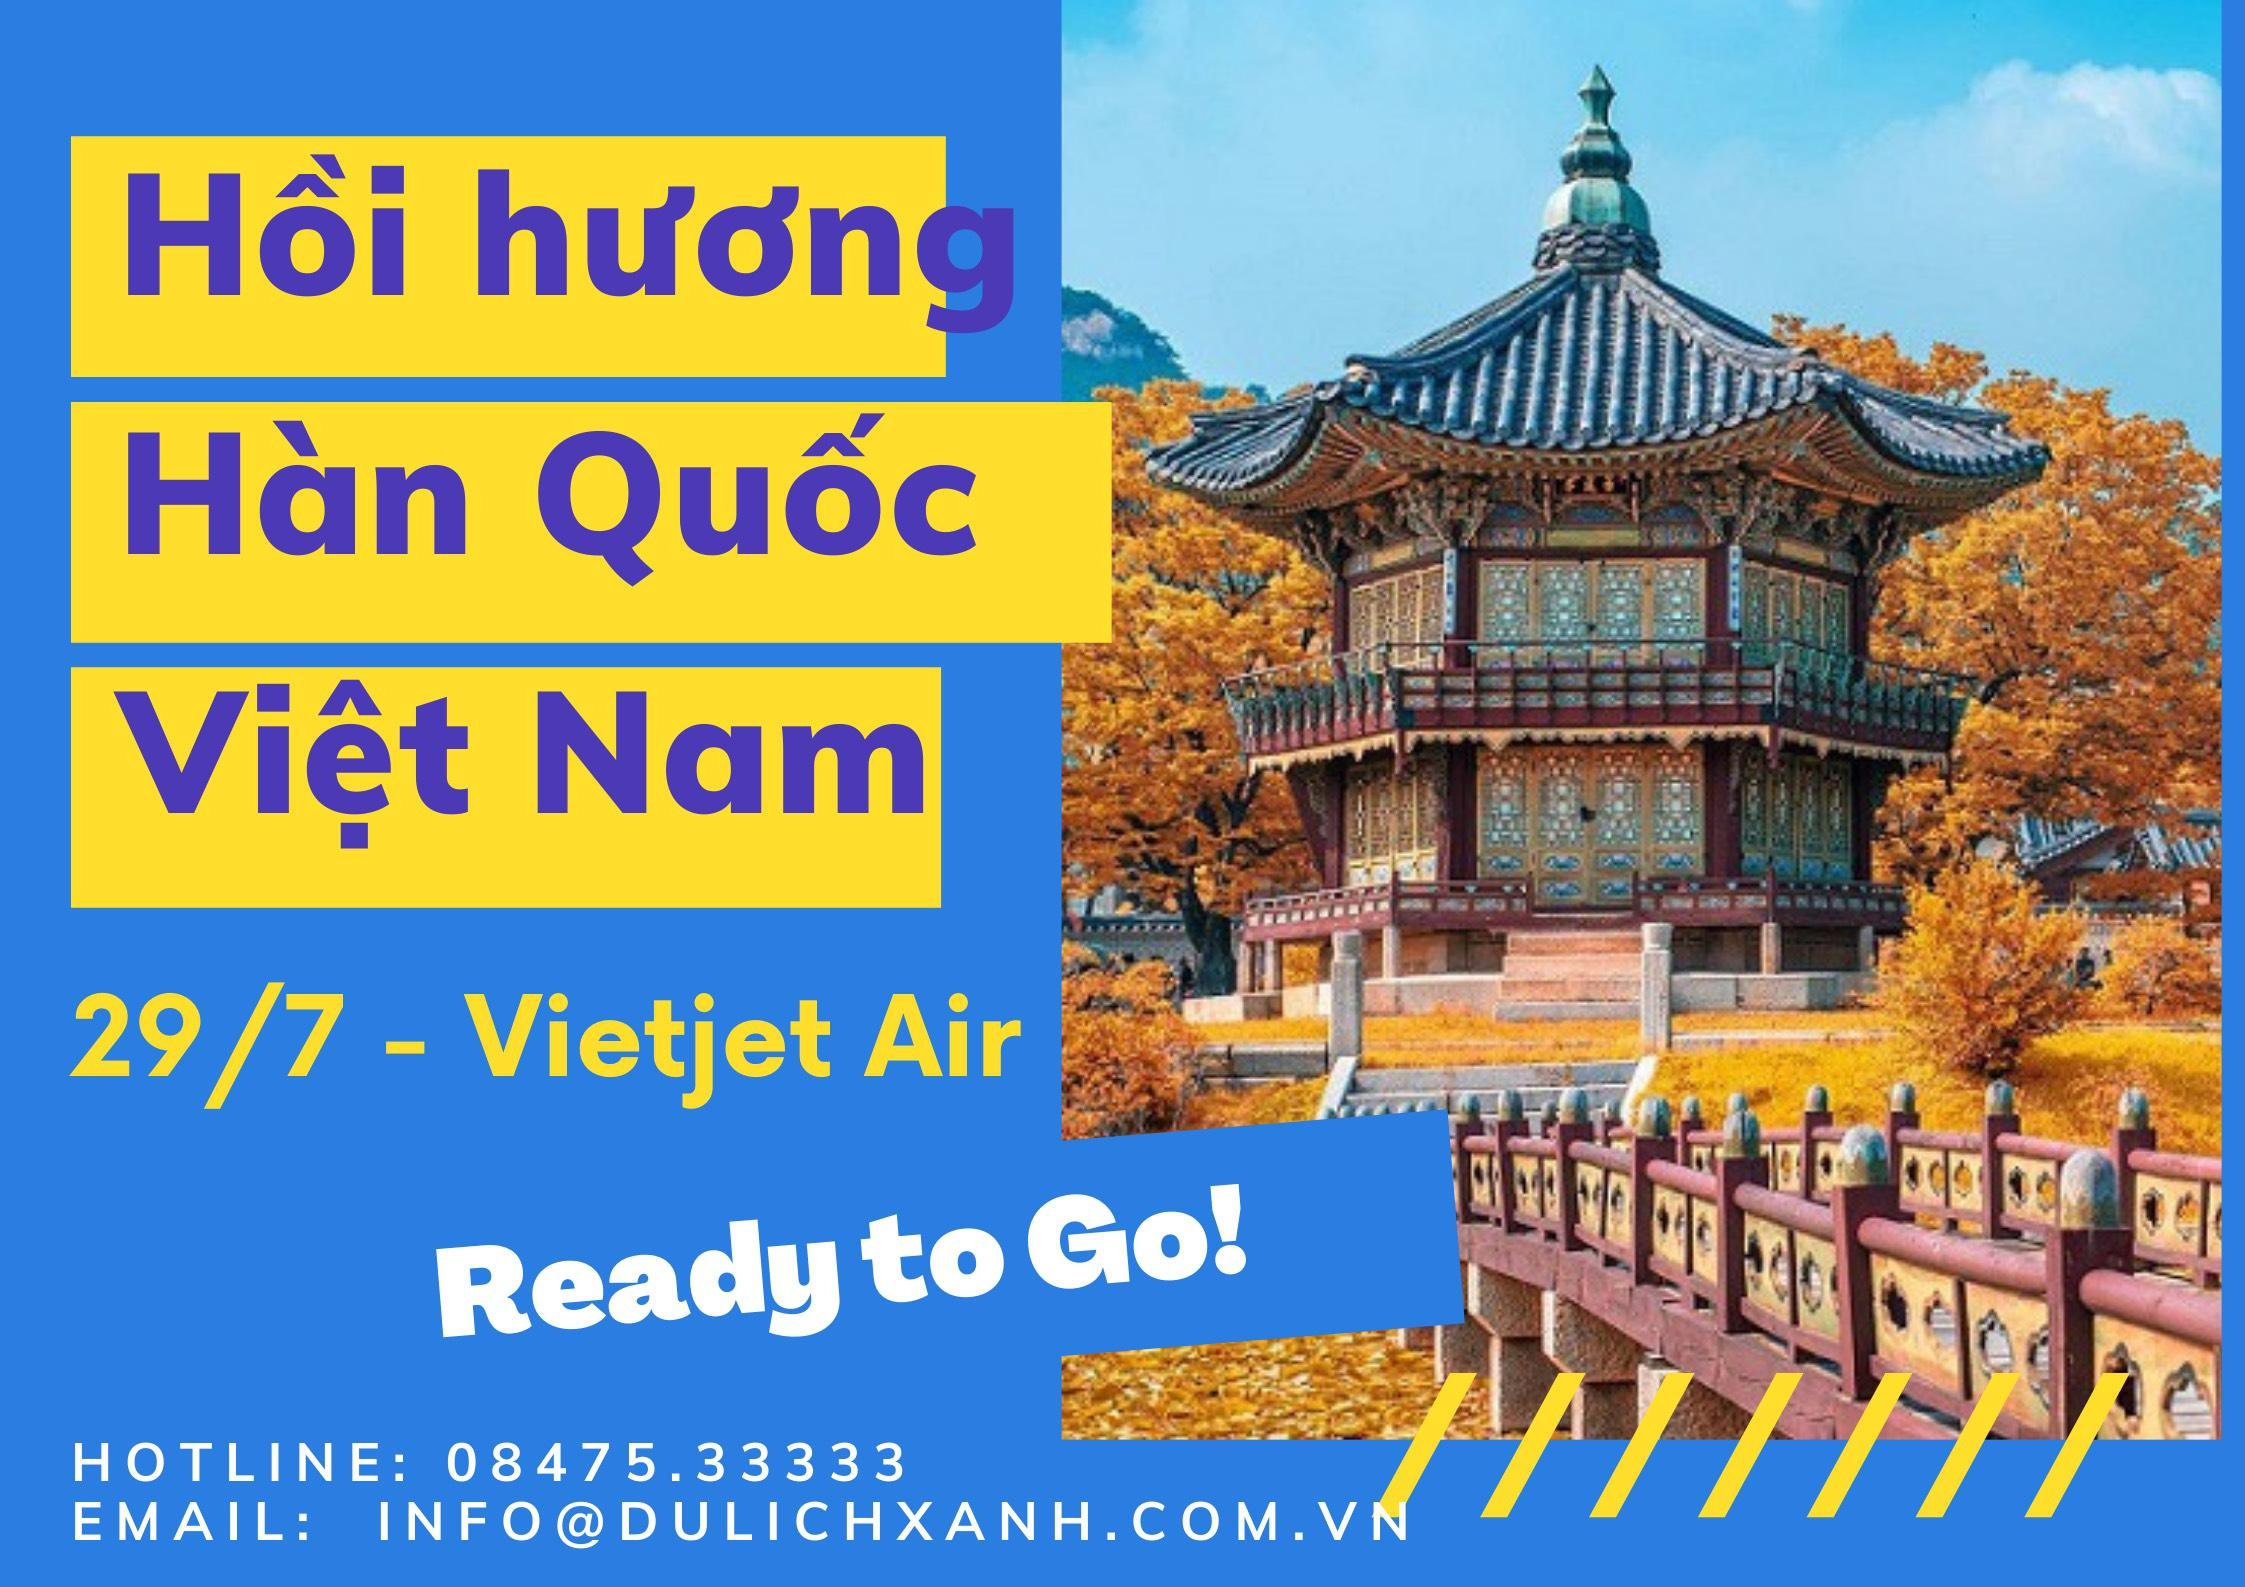 Chuyến bay tháng 7 từ Hàn Quốc về Việt Nam ngày 29/7